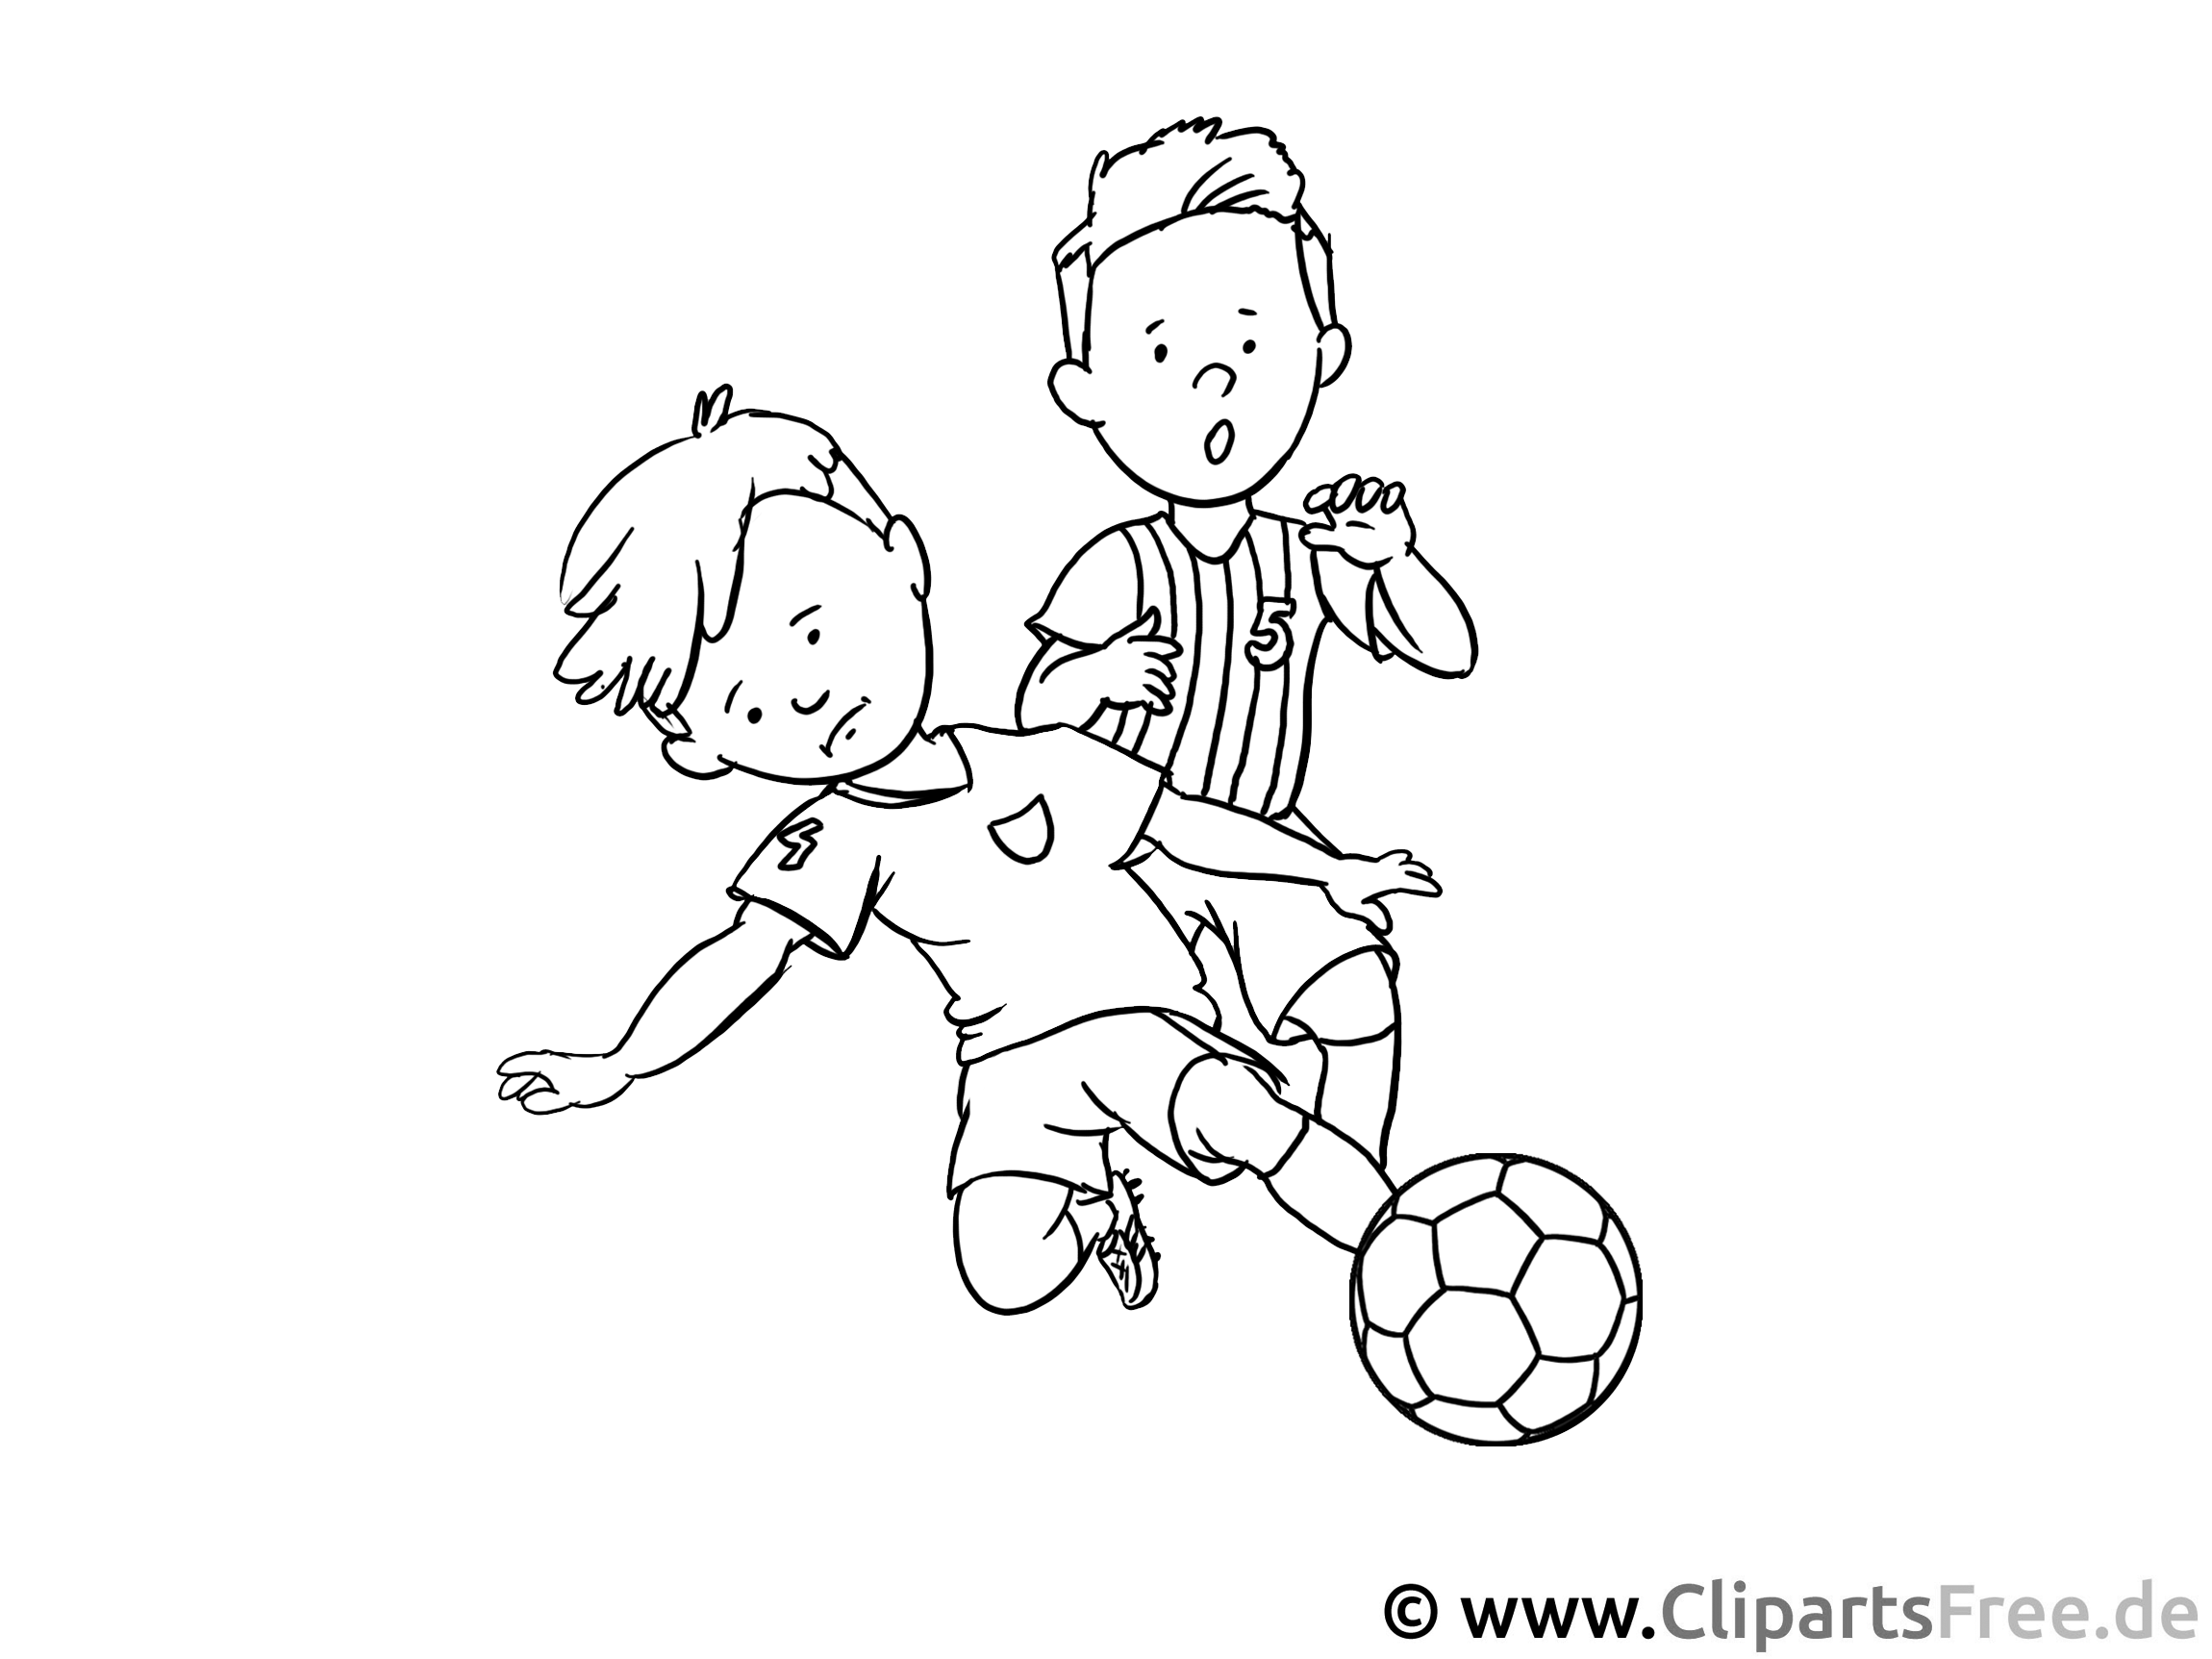 jungs spielen fussball malvorlage  kostenlose arbeitsblätter